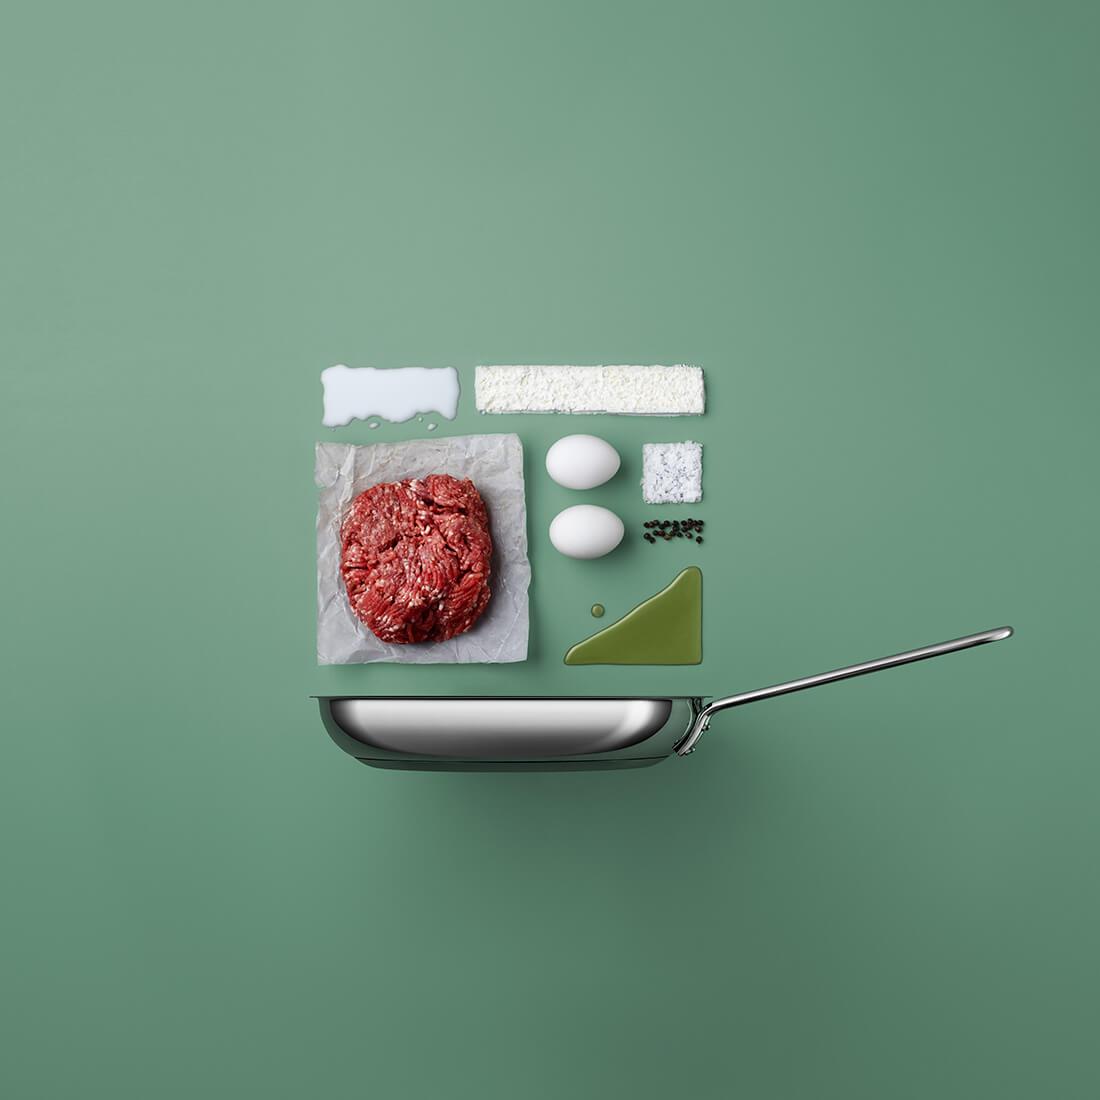 Рецепты из компонентов еды, Стильные фото 4